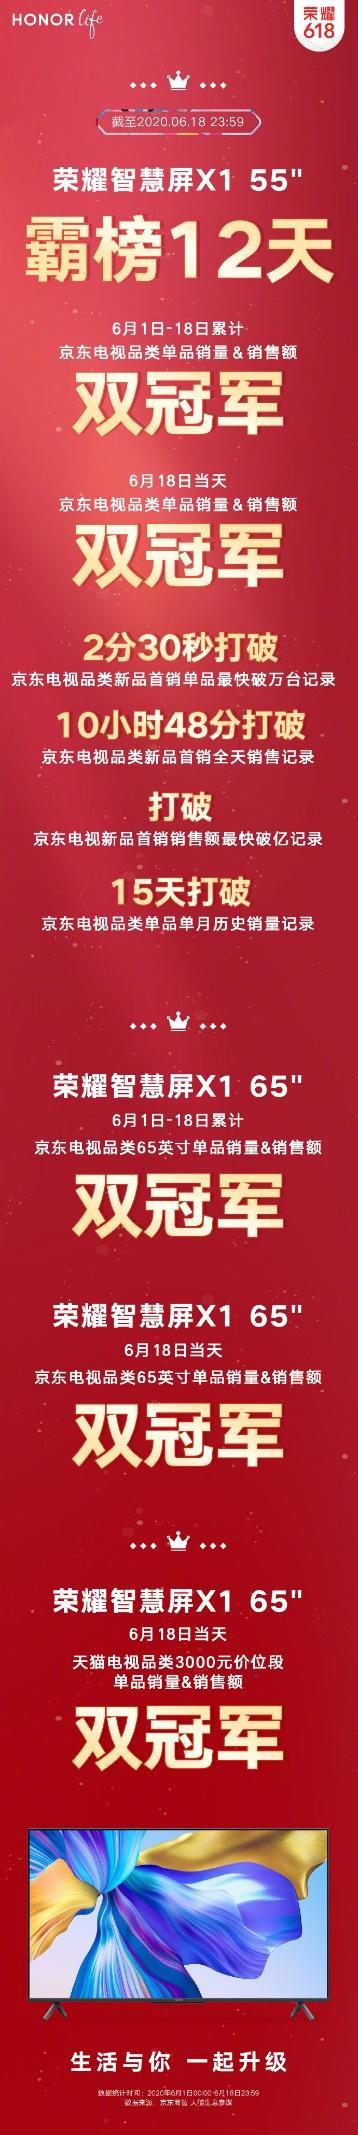 荣耀618战报,荣耀智慧屏X1系列勇夺10项冠军